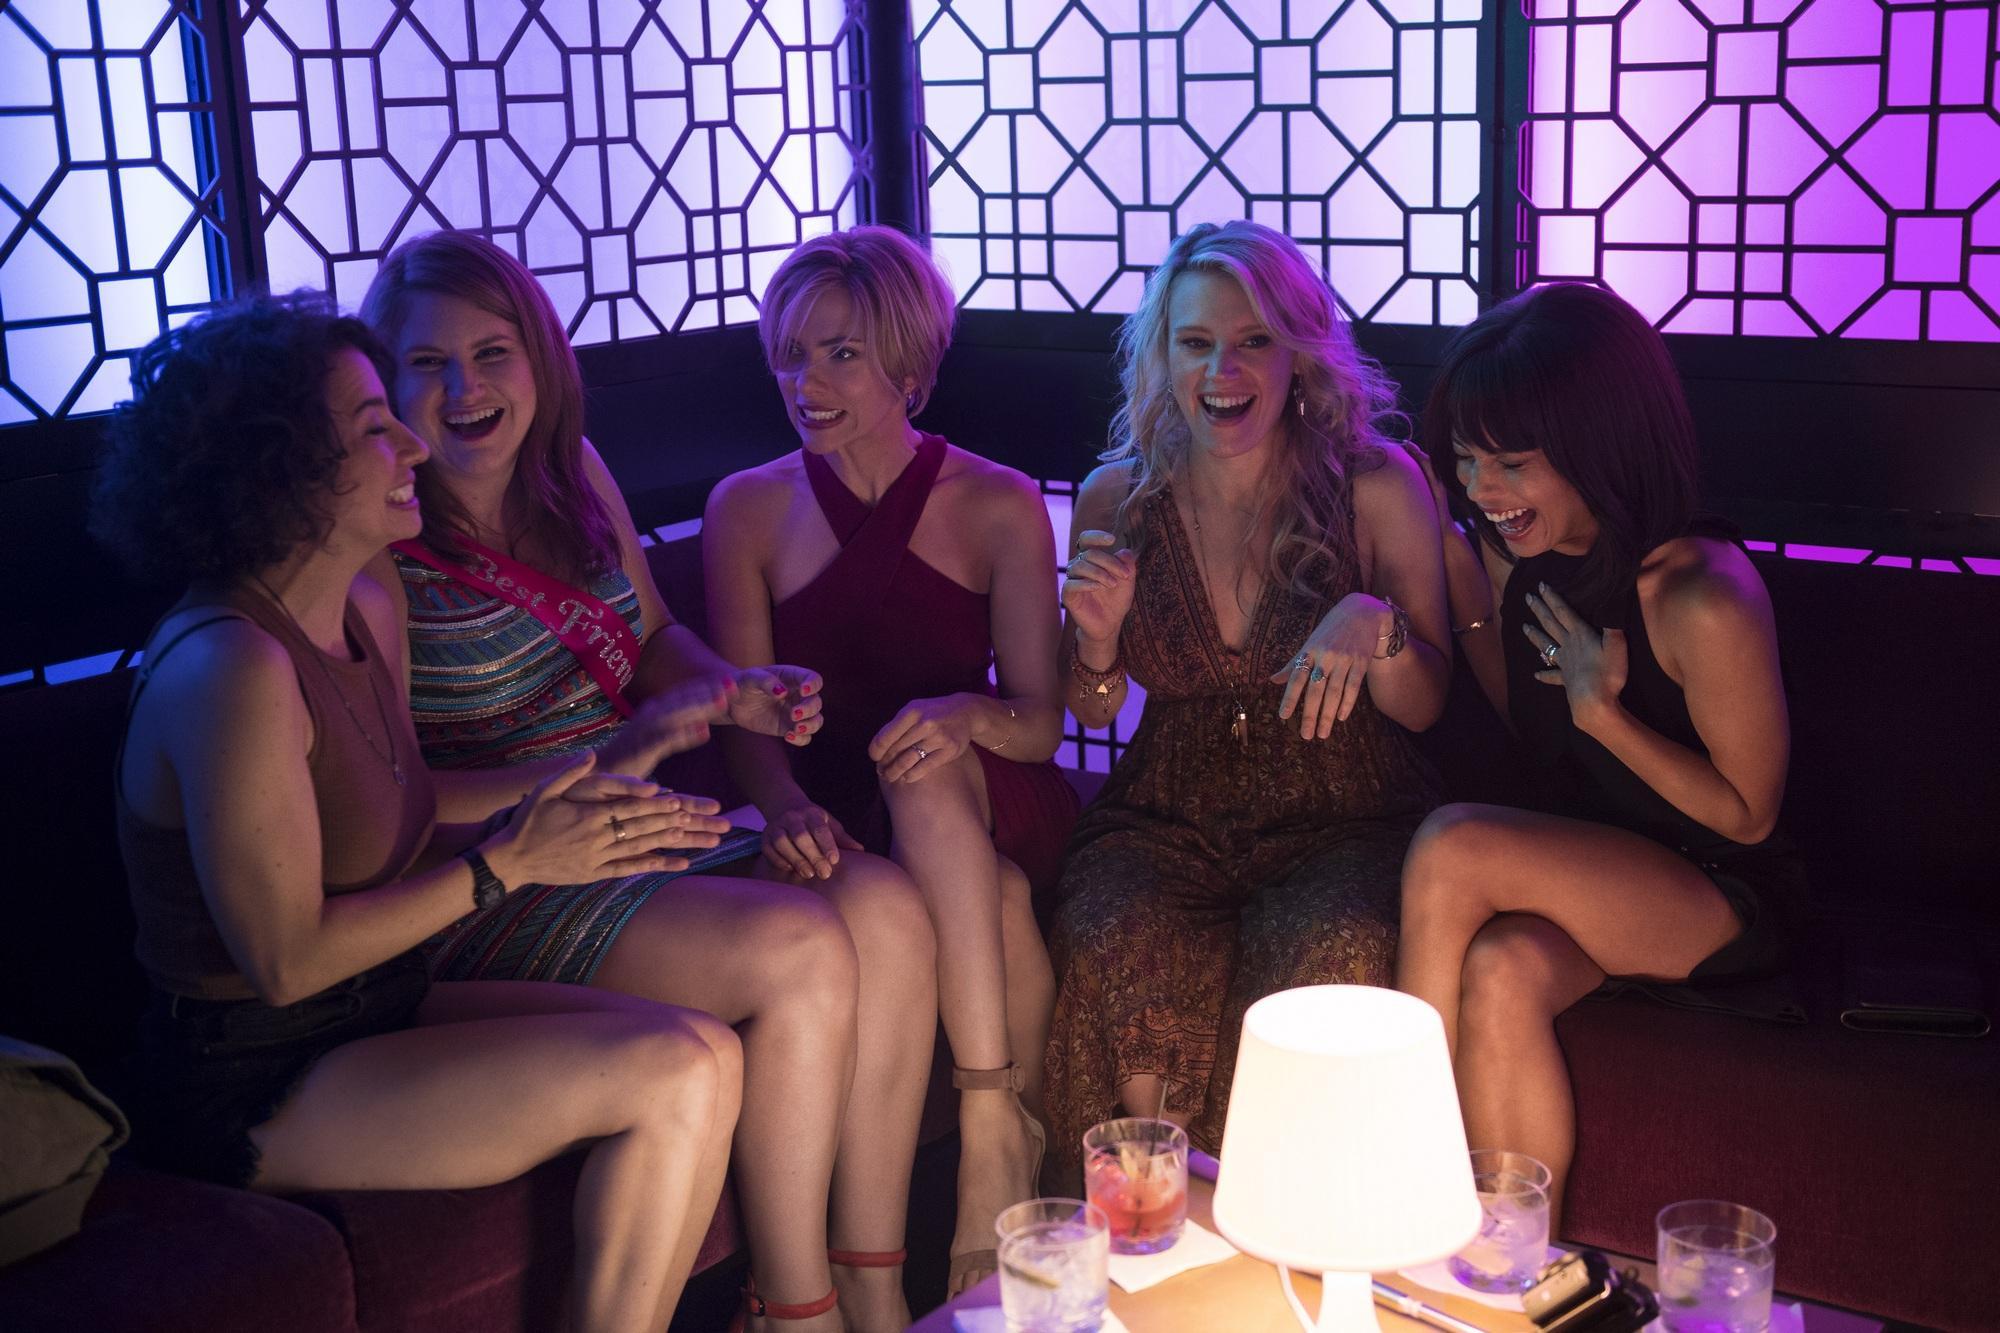 Развлечение в женском клубе видео фото 589-28